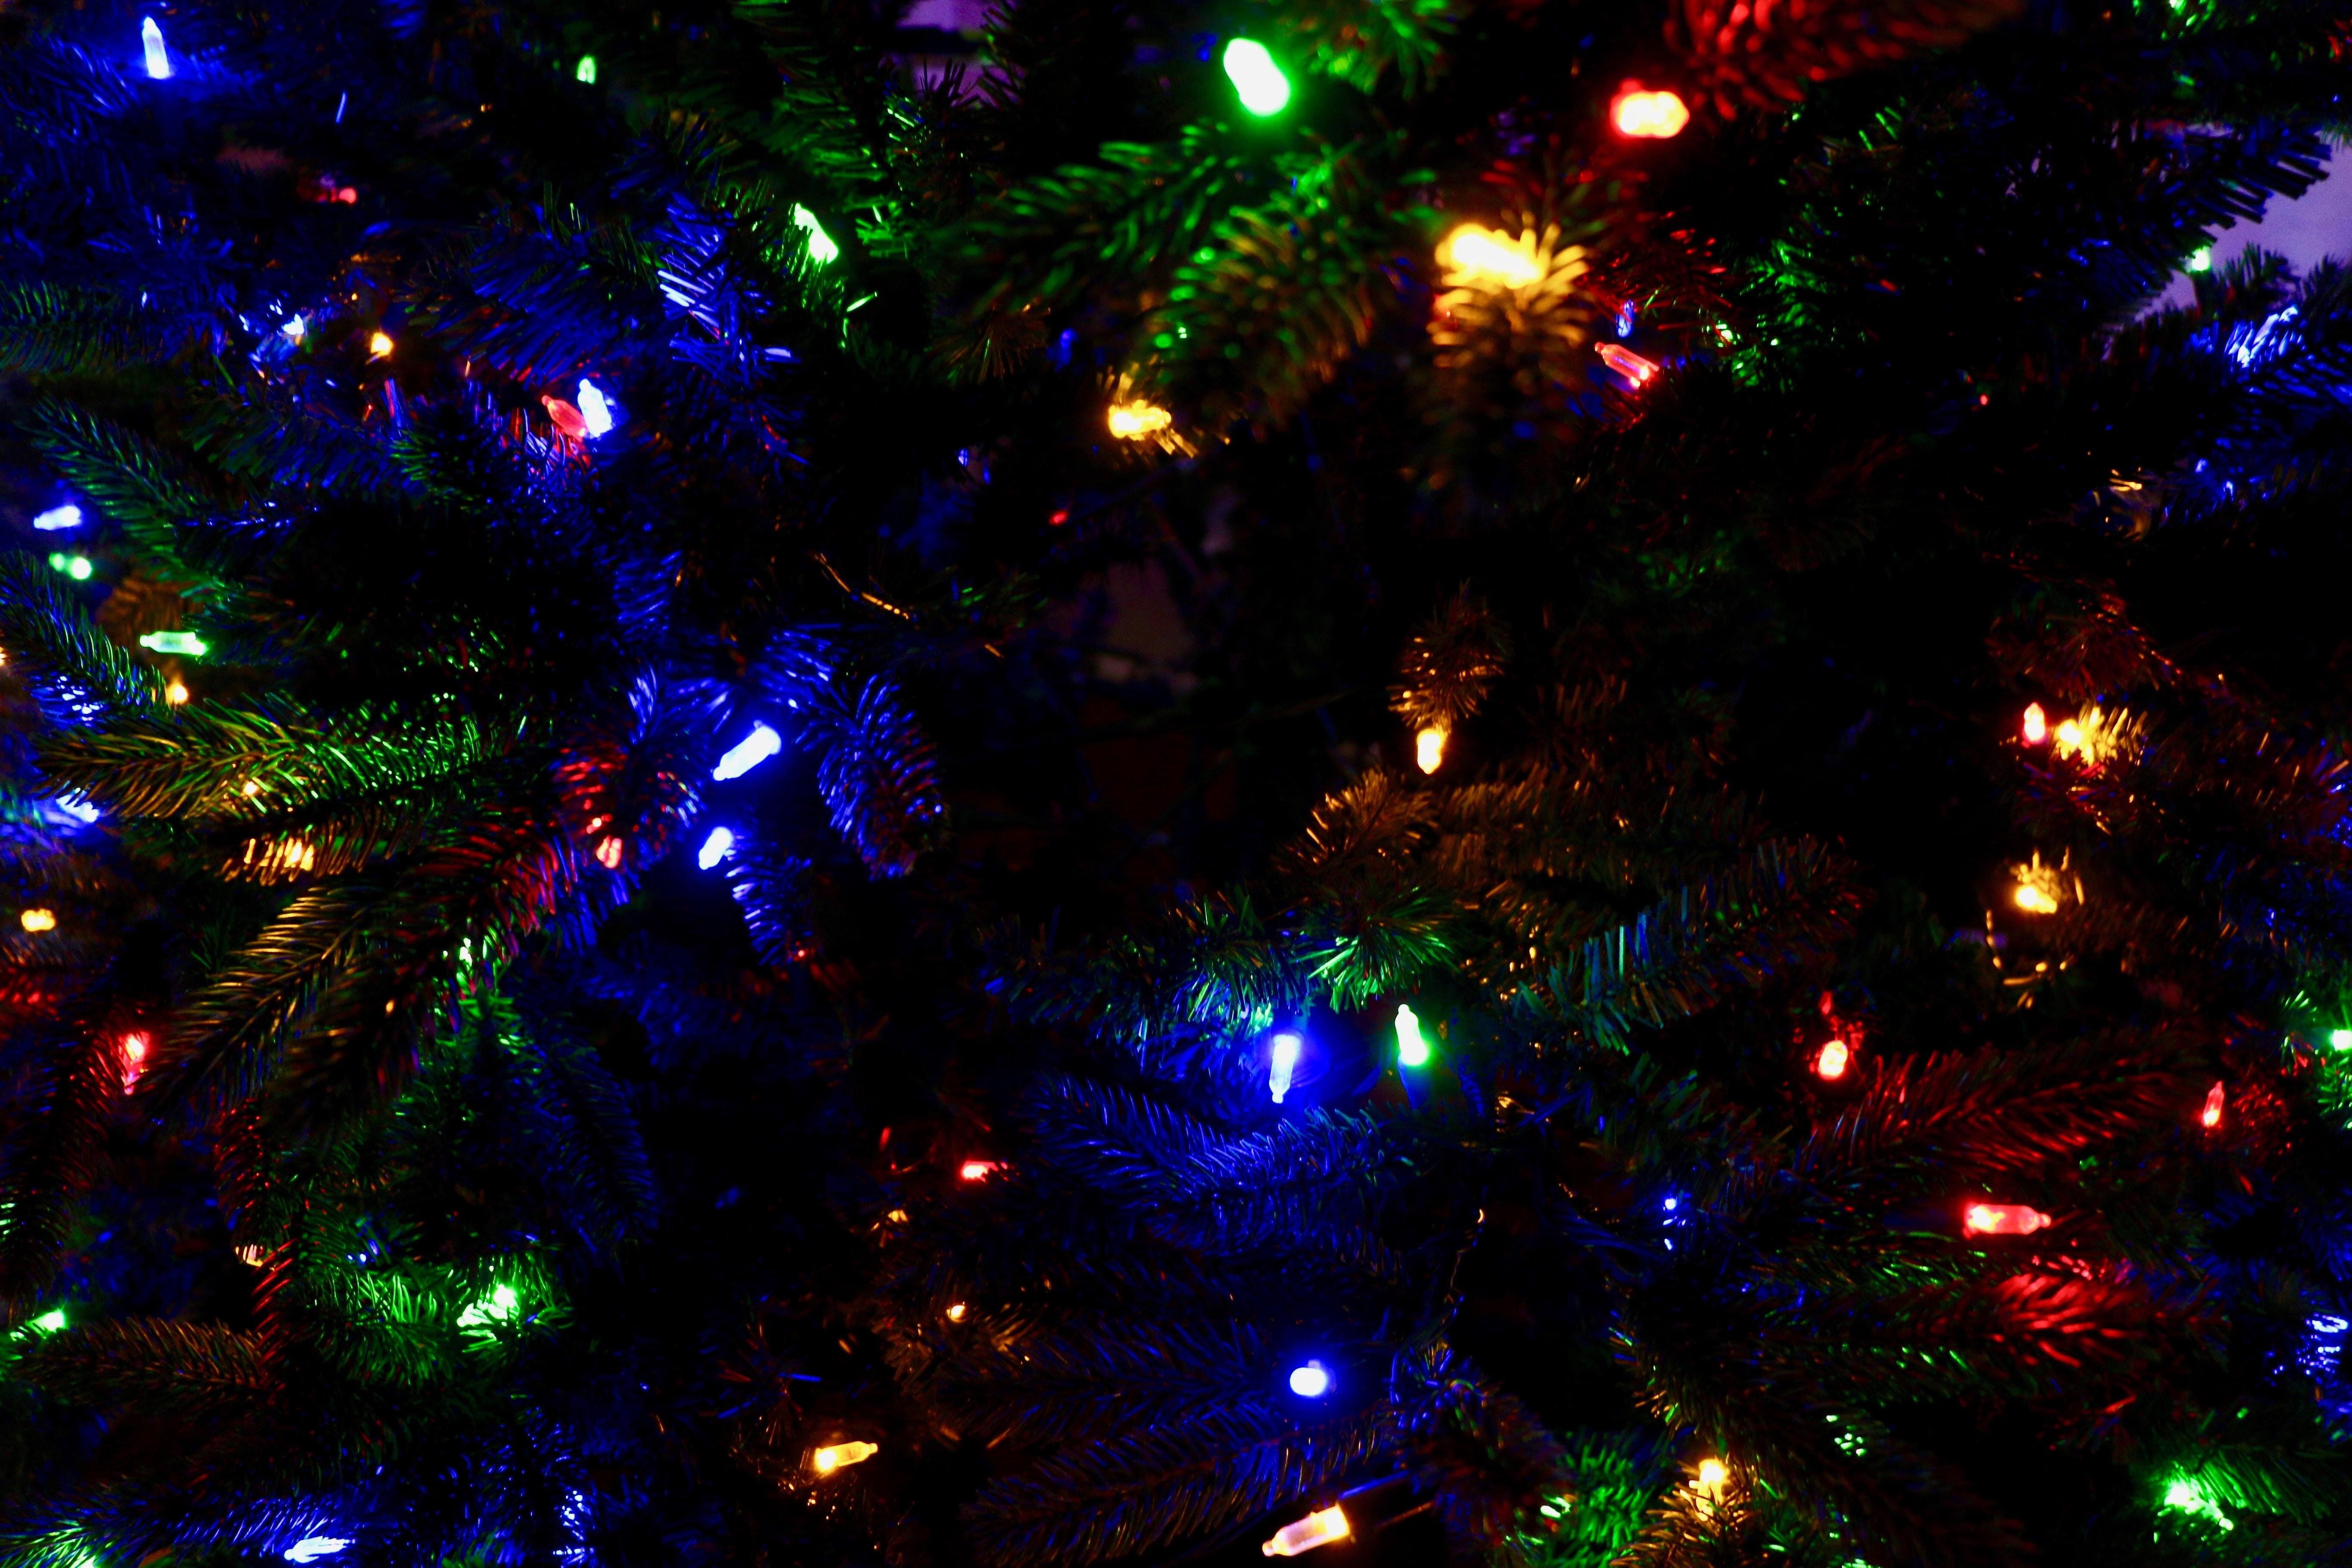 82497 Salvapantallas y fondos de pantalla Año Nuevo en tu teléfono. Descarga imágenes de Vacaciones, Guirnaldas, Guirnalda, Árbol De Navidad, Navidad, Año Nuevo, Decoración, Multicolor, Abigarrado gratis